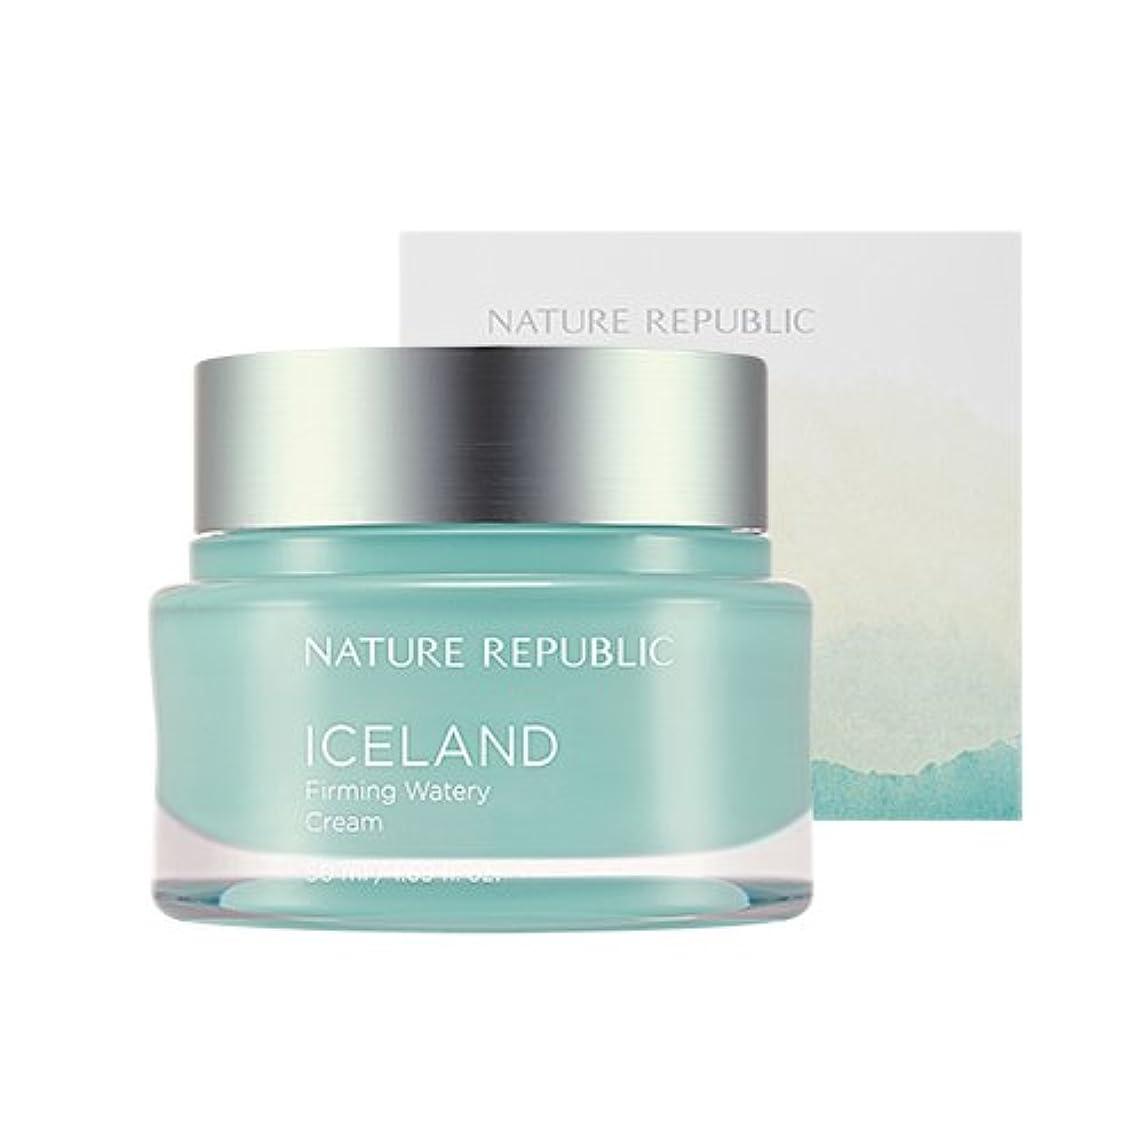 充電サポート加入Nature Republic Iceland Firming Watery Cream 50ml / ネイチャーリパブリック アイスファーミング水分クリーム 50ml [並行輸入品]